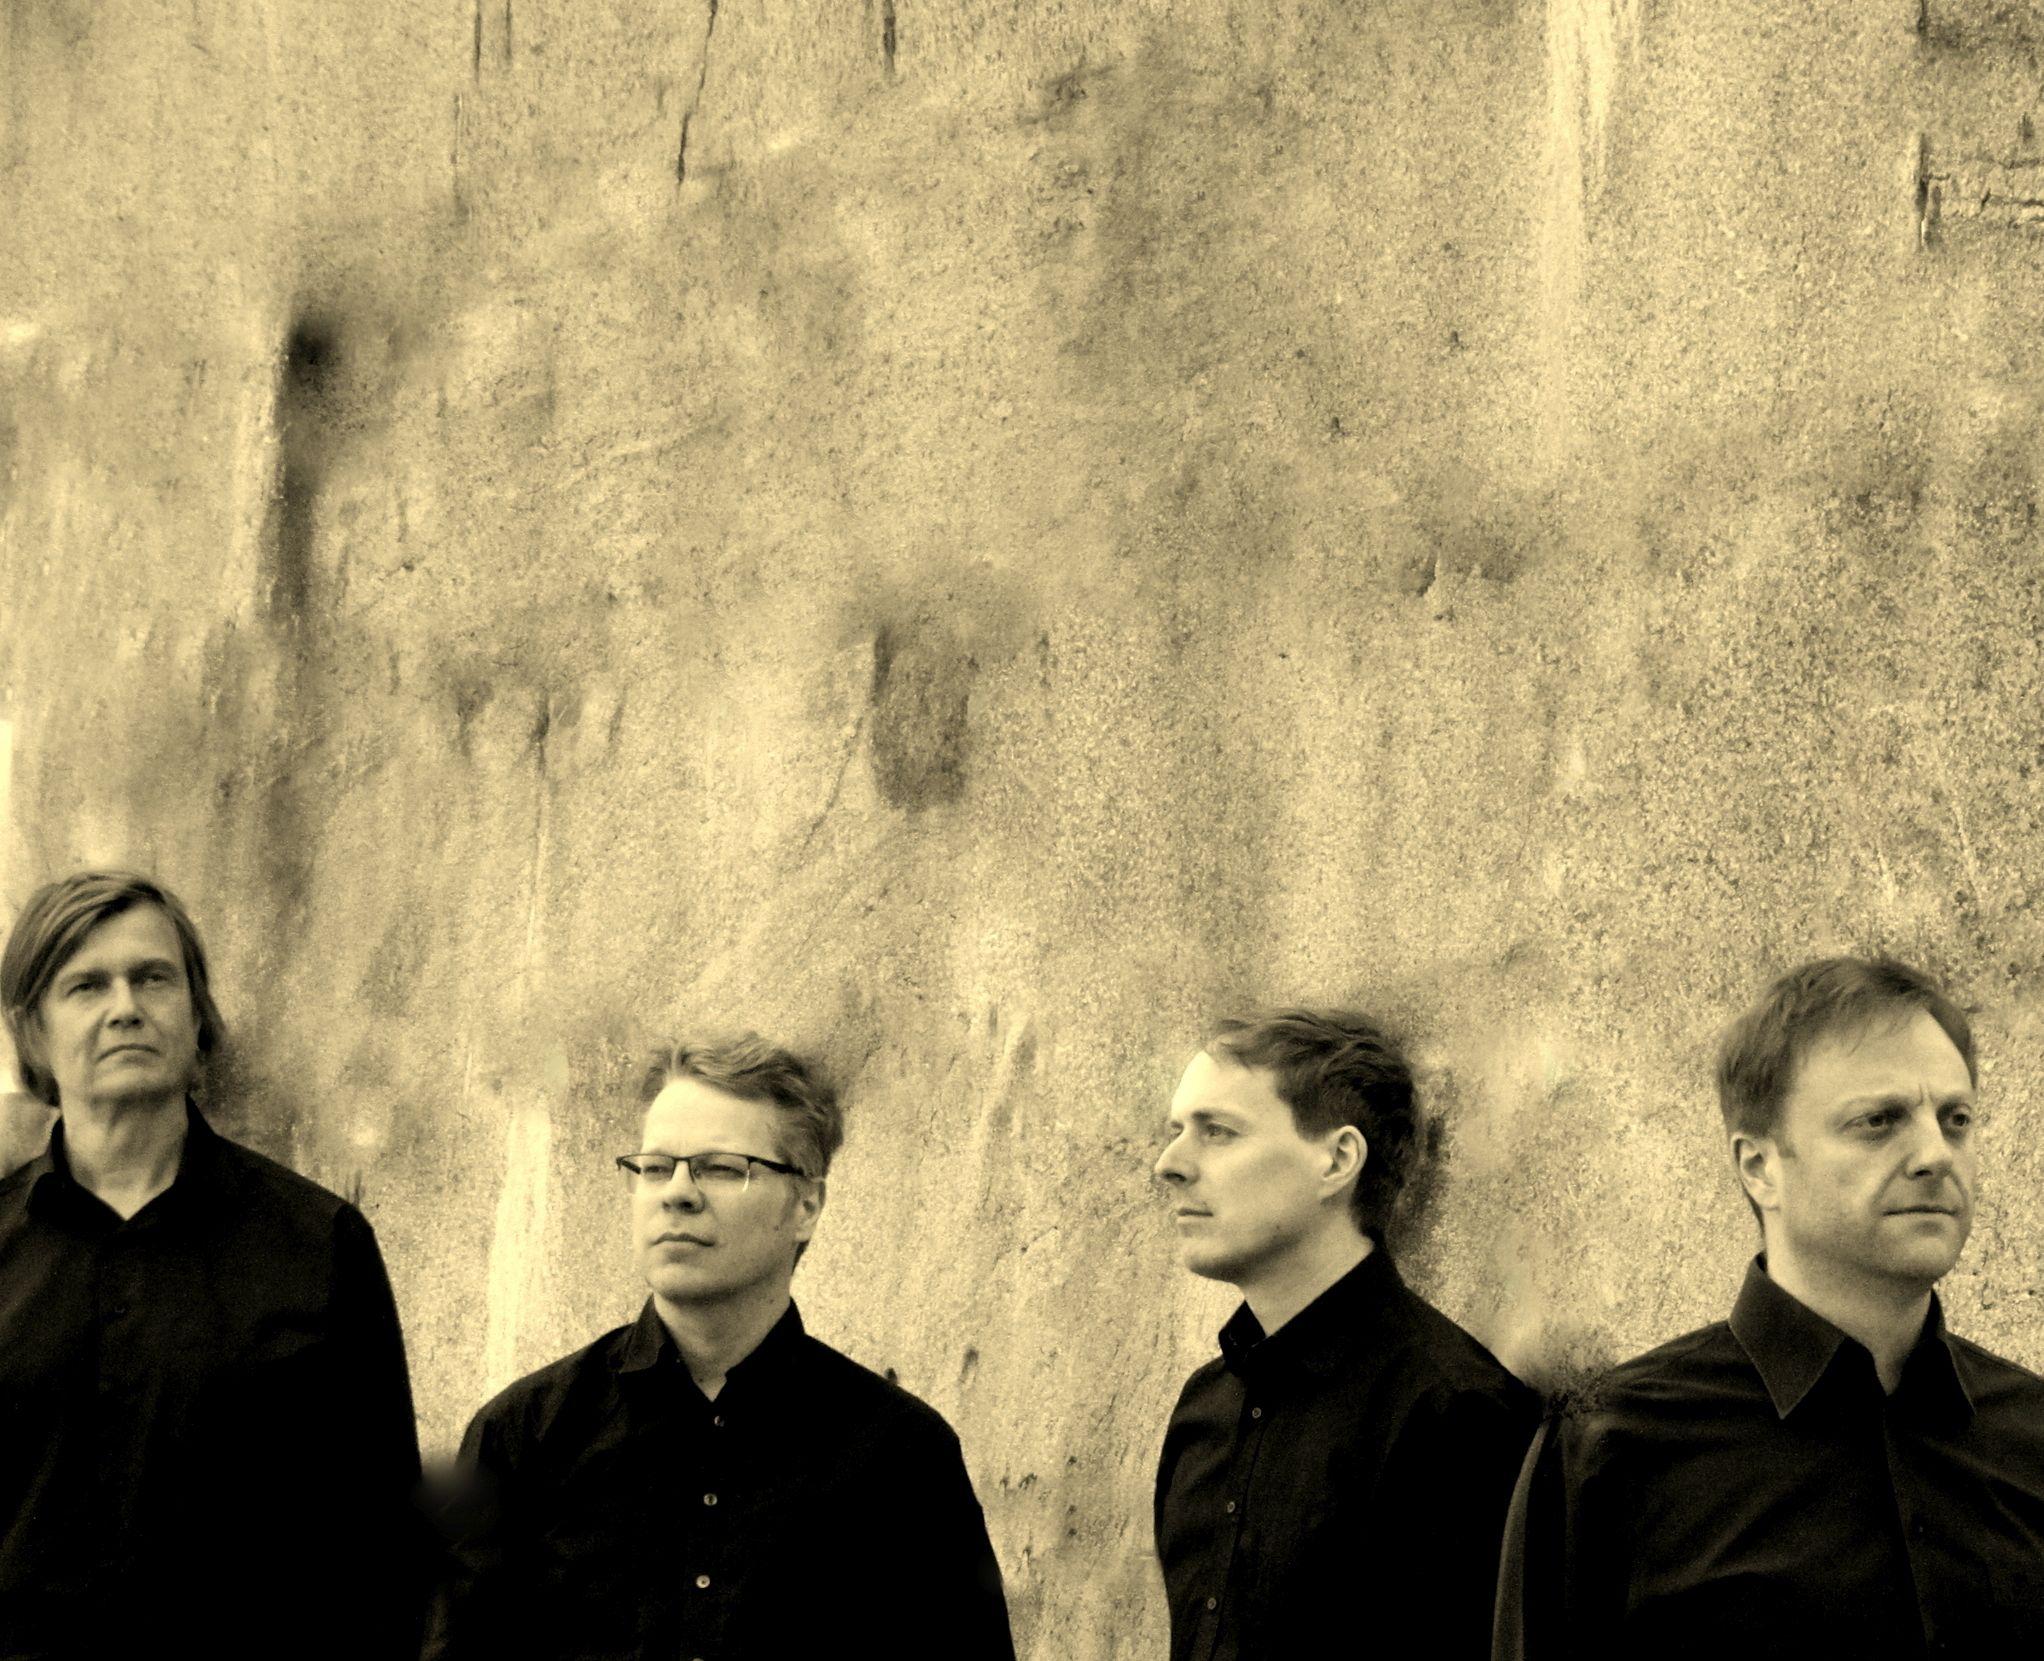 Kuvassa Kanto Ensemblen neljä jäsentä tummissa vaatteisa vaalea seinää vasten.